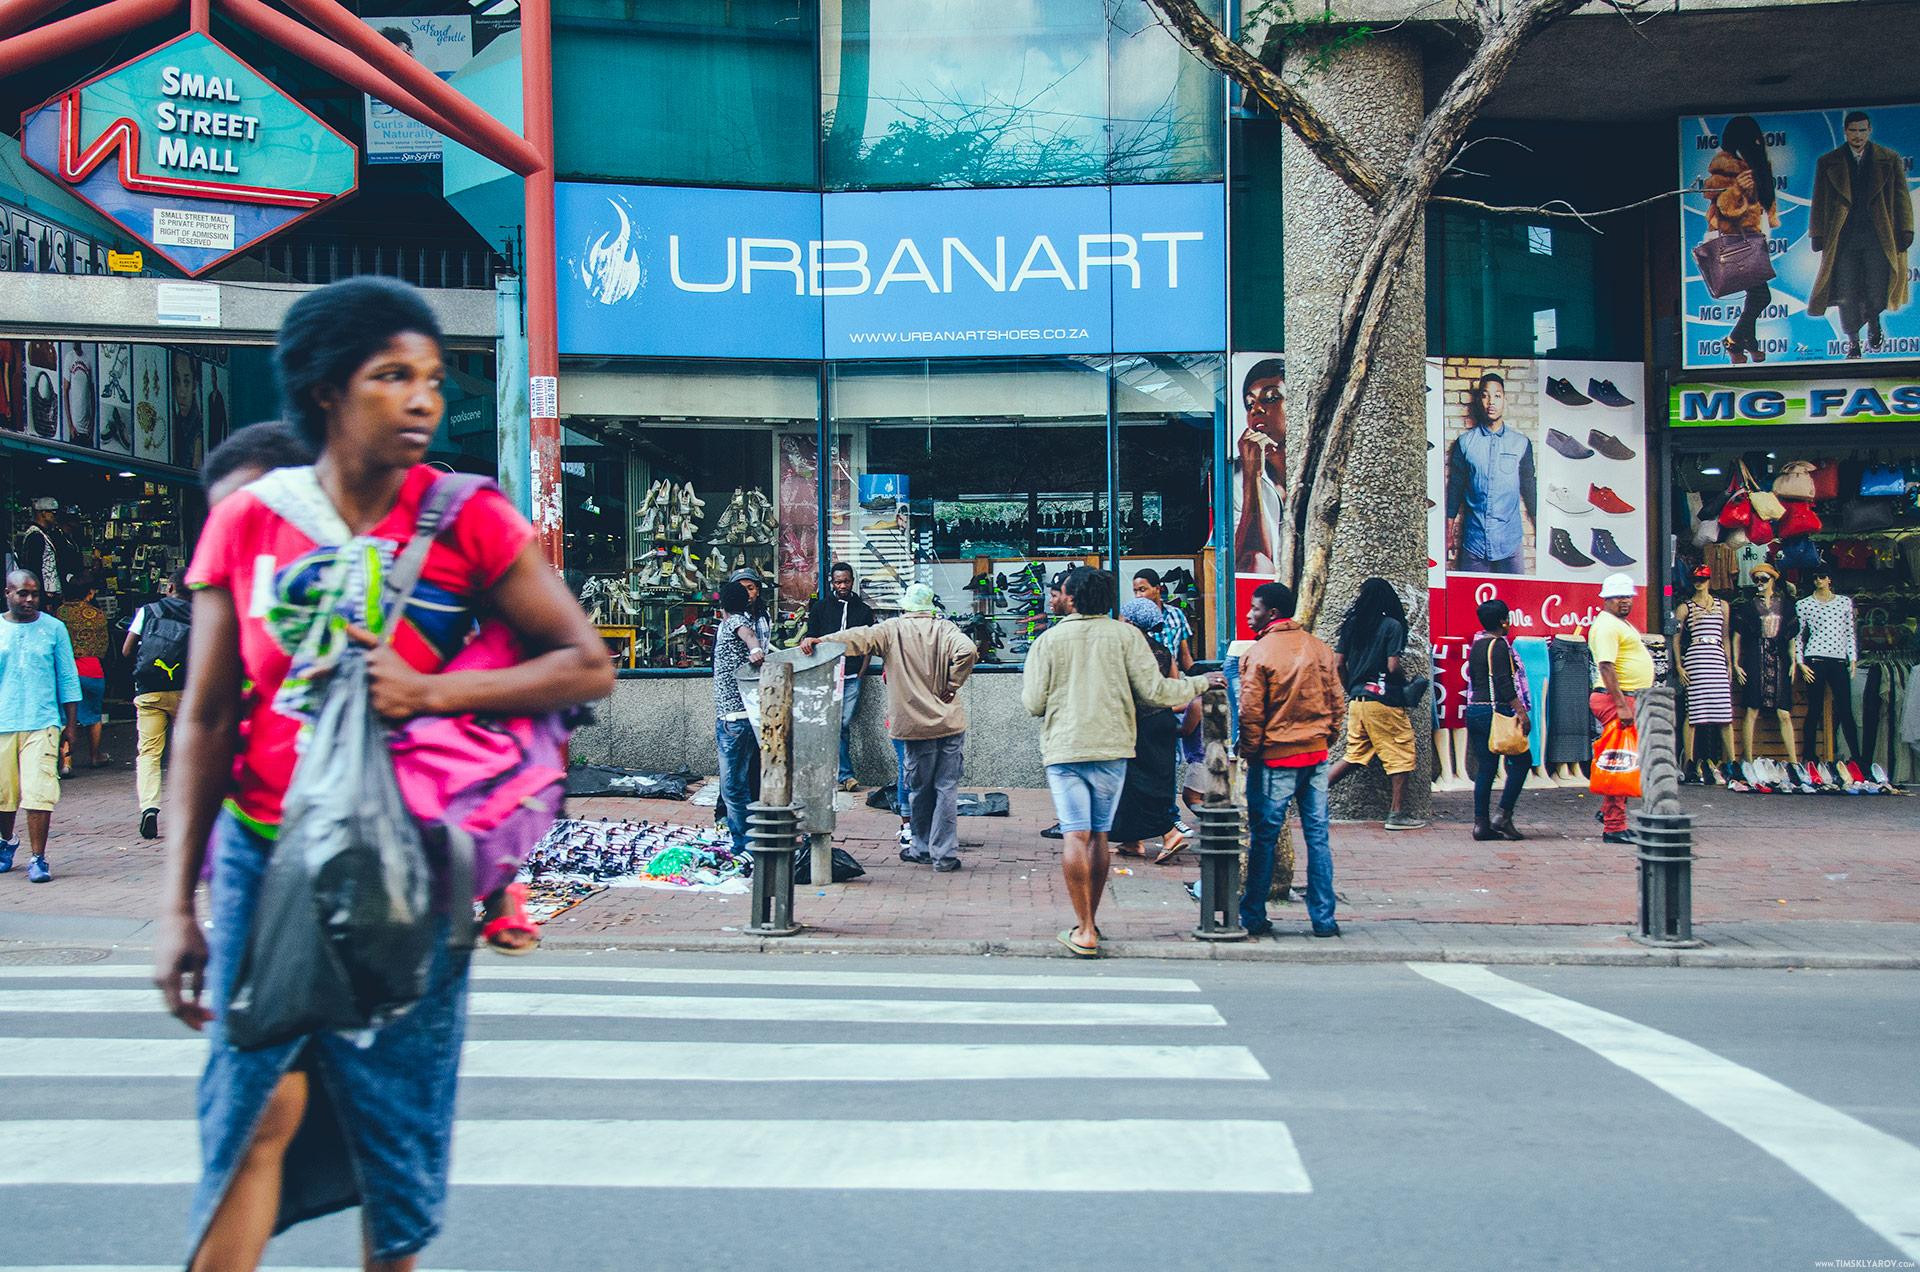 Даунтаун Йобурга не сильно отличается от некоторых районов Нью-Йорка. Если бы я не знал где сделан этот кадр, то я вполне мог бы подумать, что это Бруклинская улица Фултон. Или Бродвей в верхнем Манхеттене.